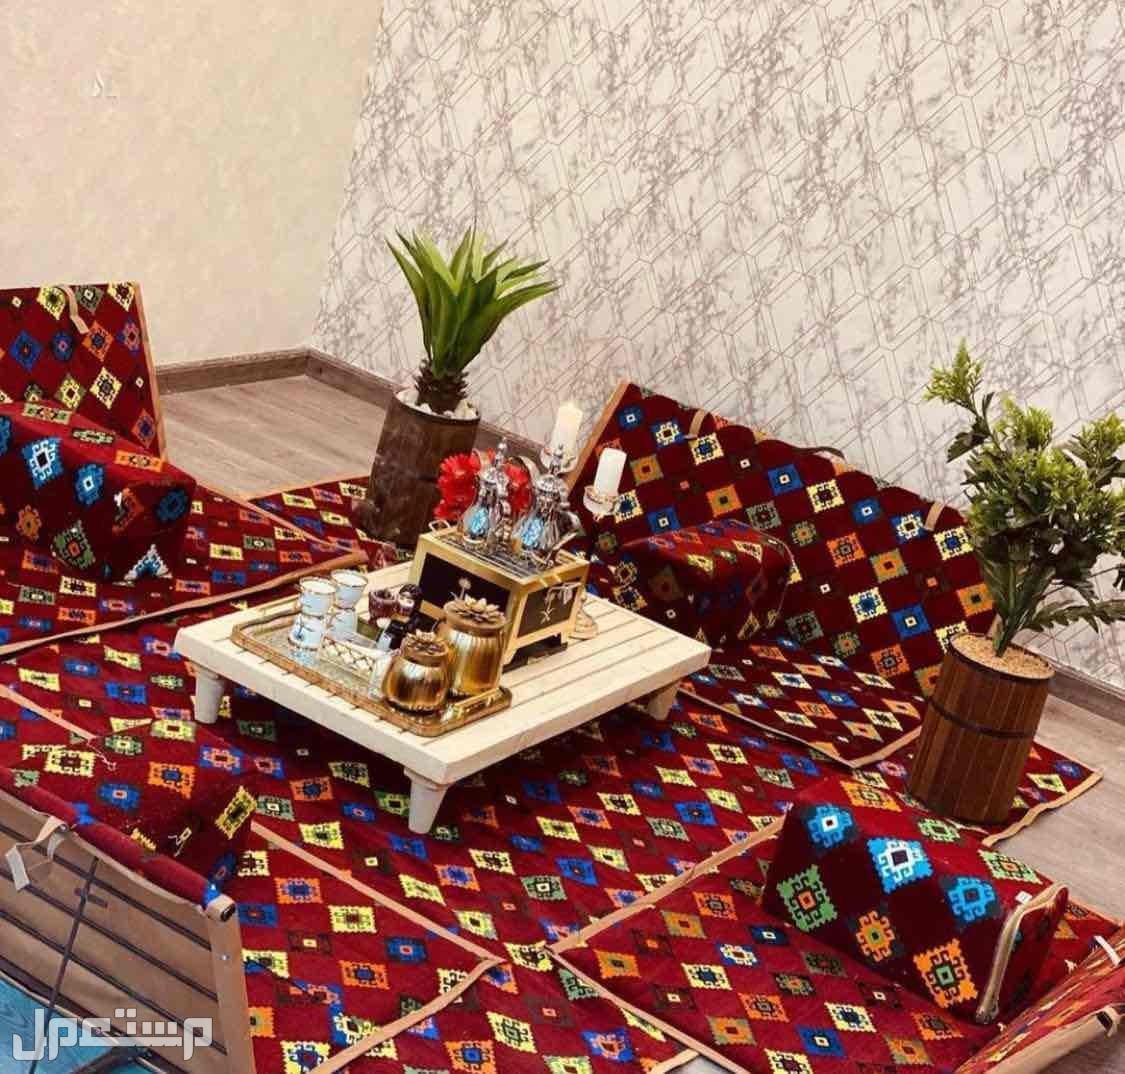 جلسة رمضان المتنقلة جلسة حوش واسترحات وبر